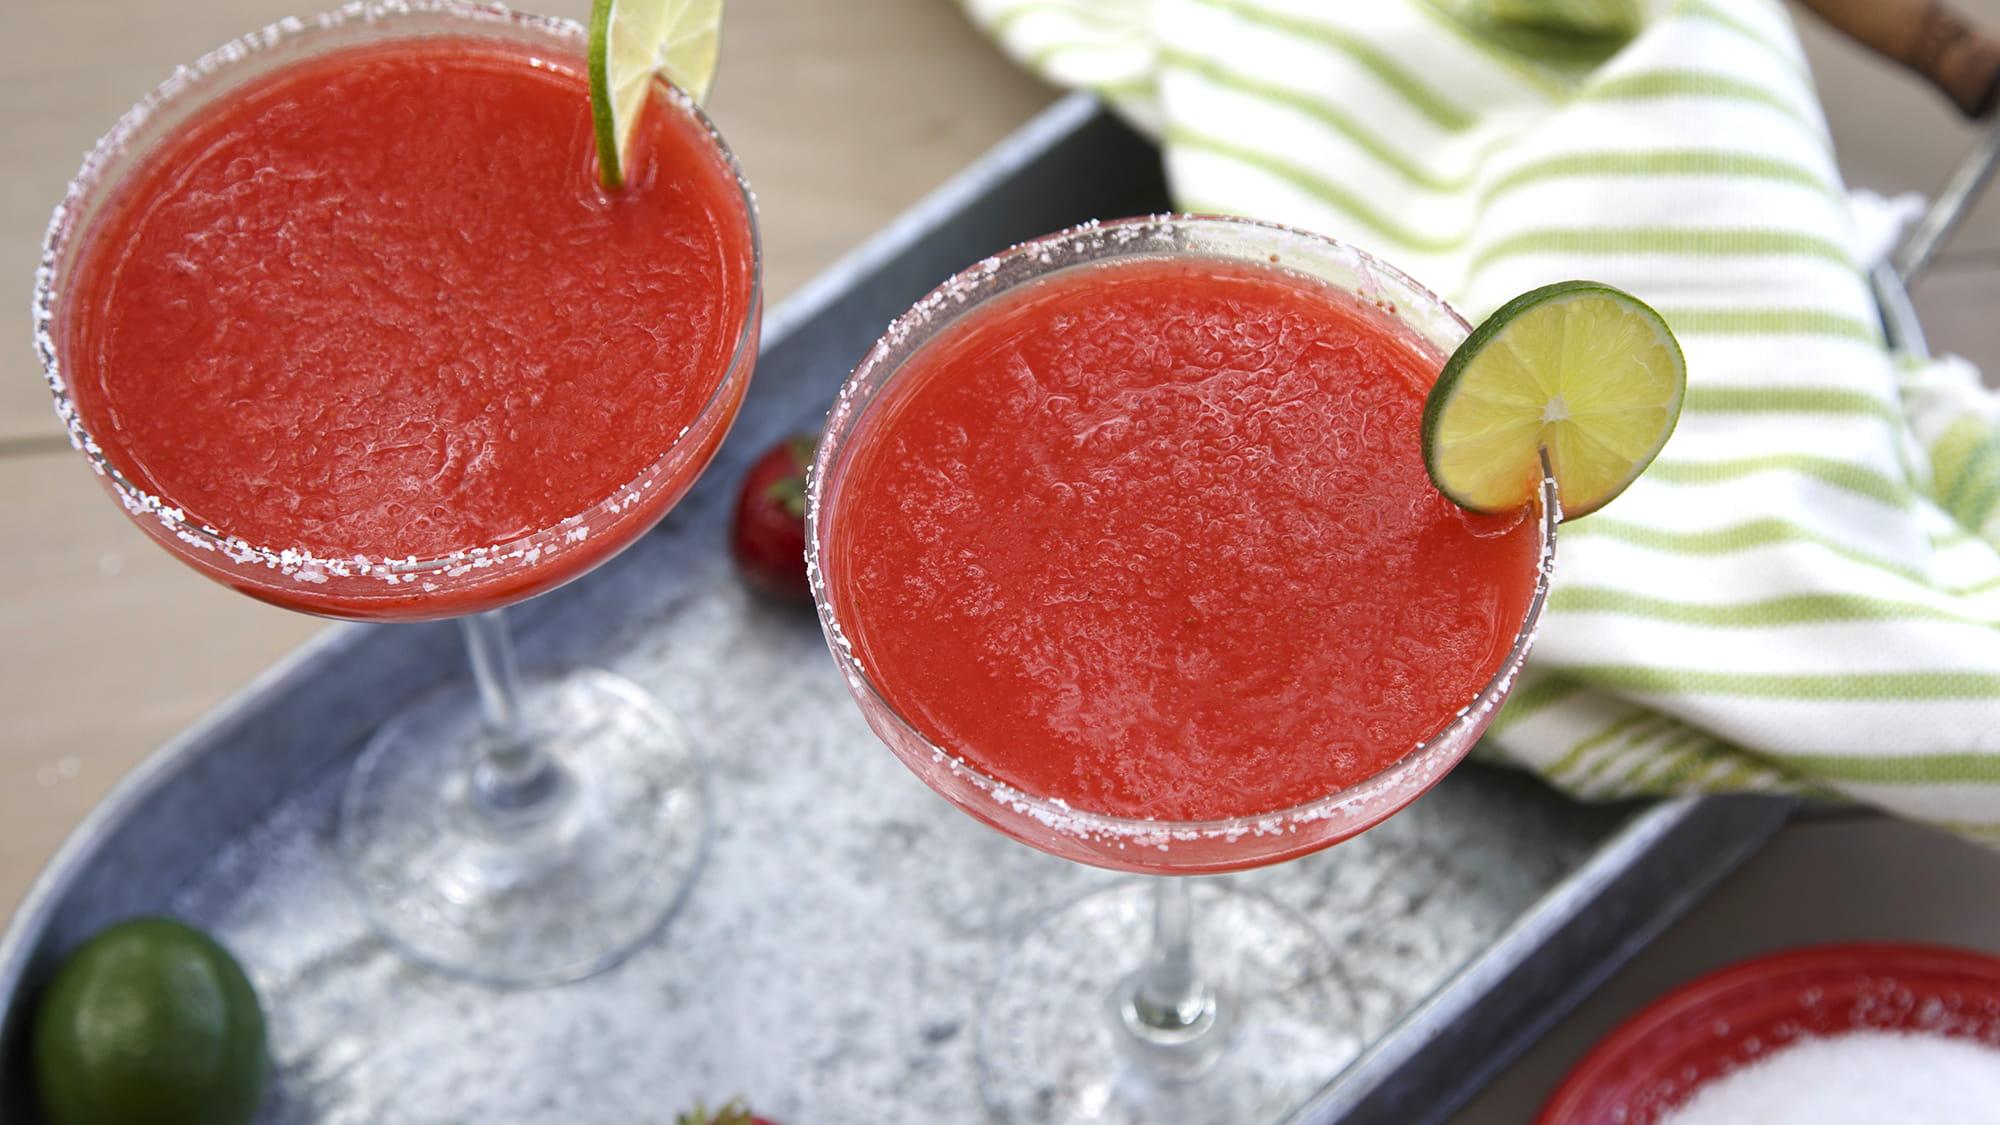 Strawberry_Margarita_2000x1125.jpg